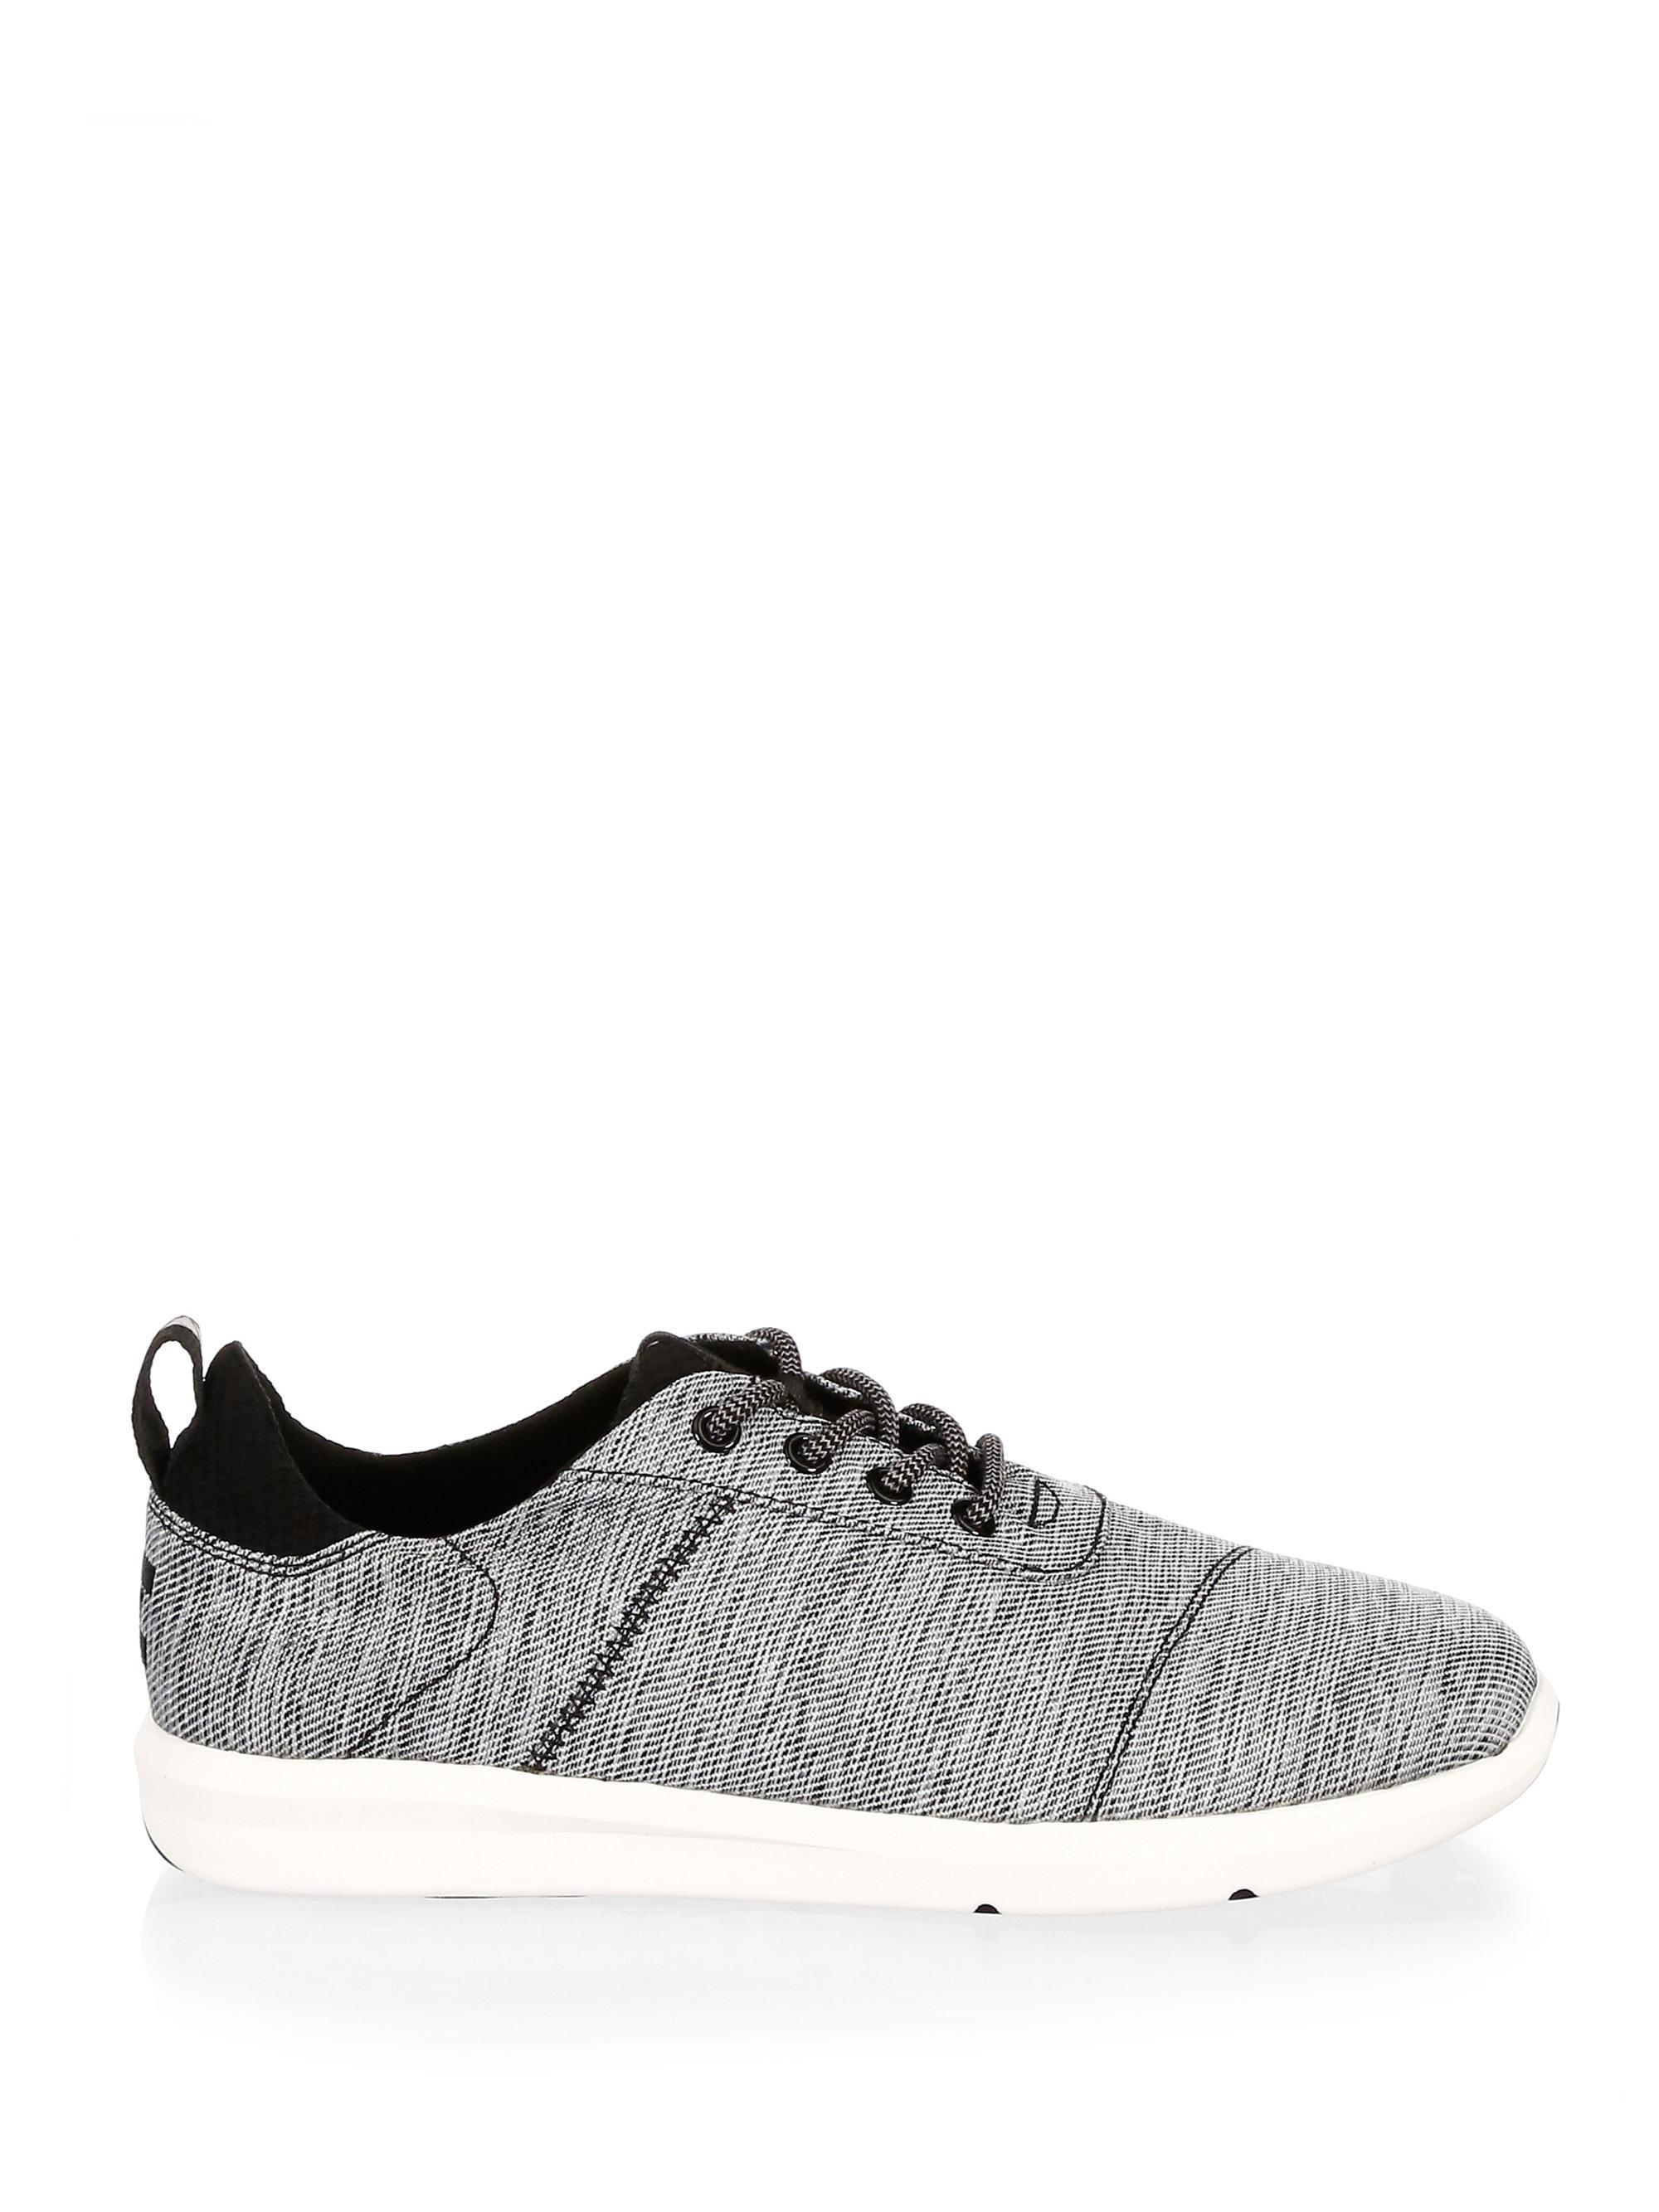 CABRILLO - Sneaker low - black Verkaufsqualität Gutes Verkauf Günstiger Preis Schnelle Lieferung L1XAb2Q6A5